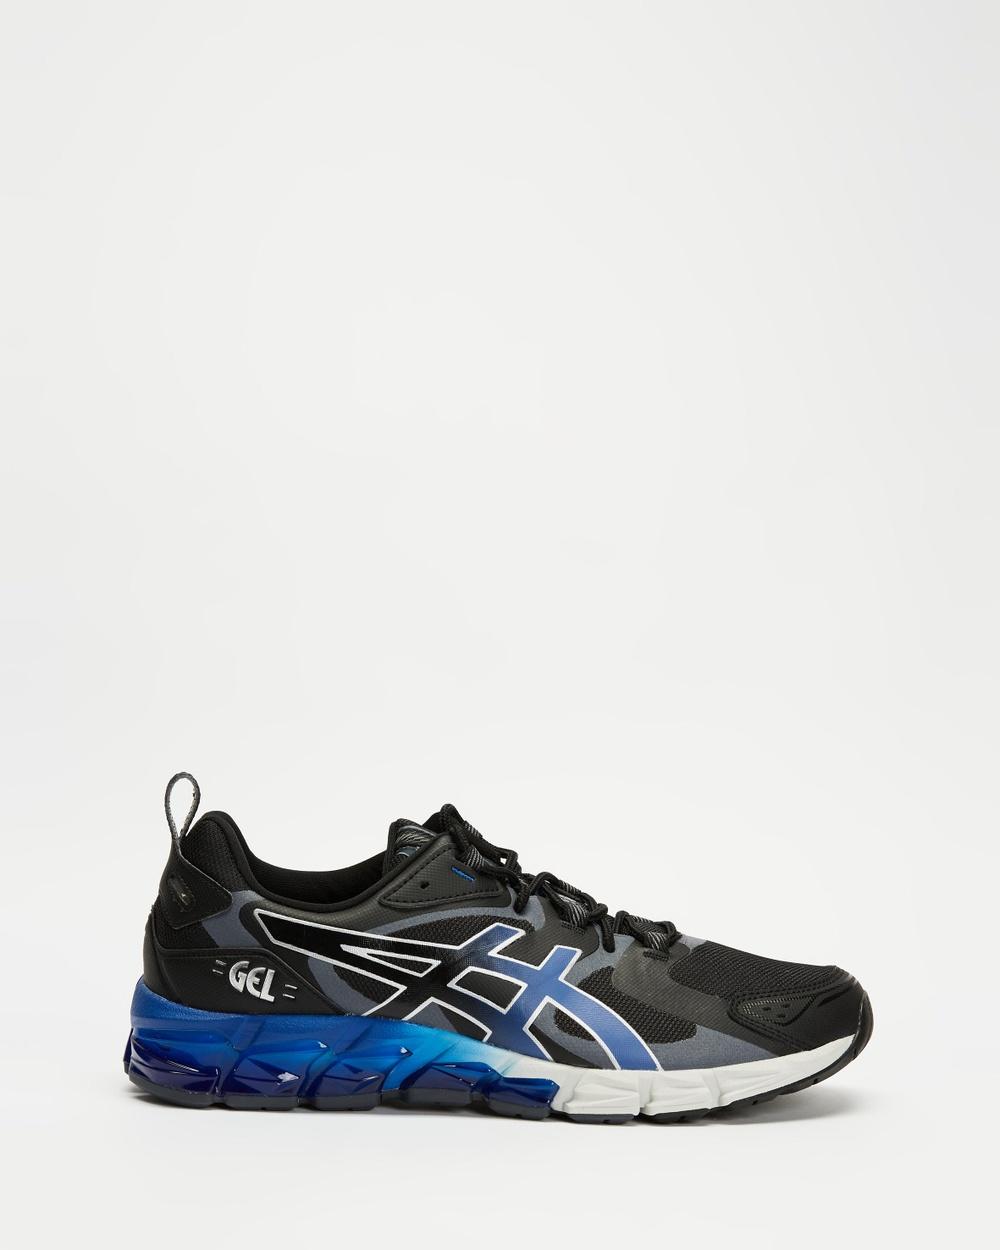 ASICS GEL Quantum 180 6 Men's Performance Shoes Black & Monaco Blue GEL-Quantum Australia